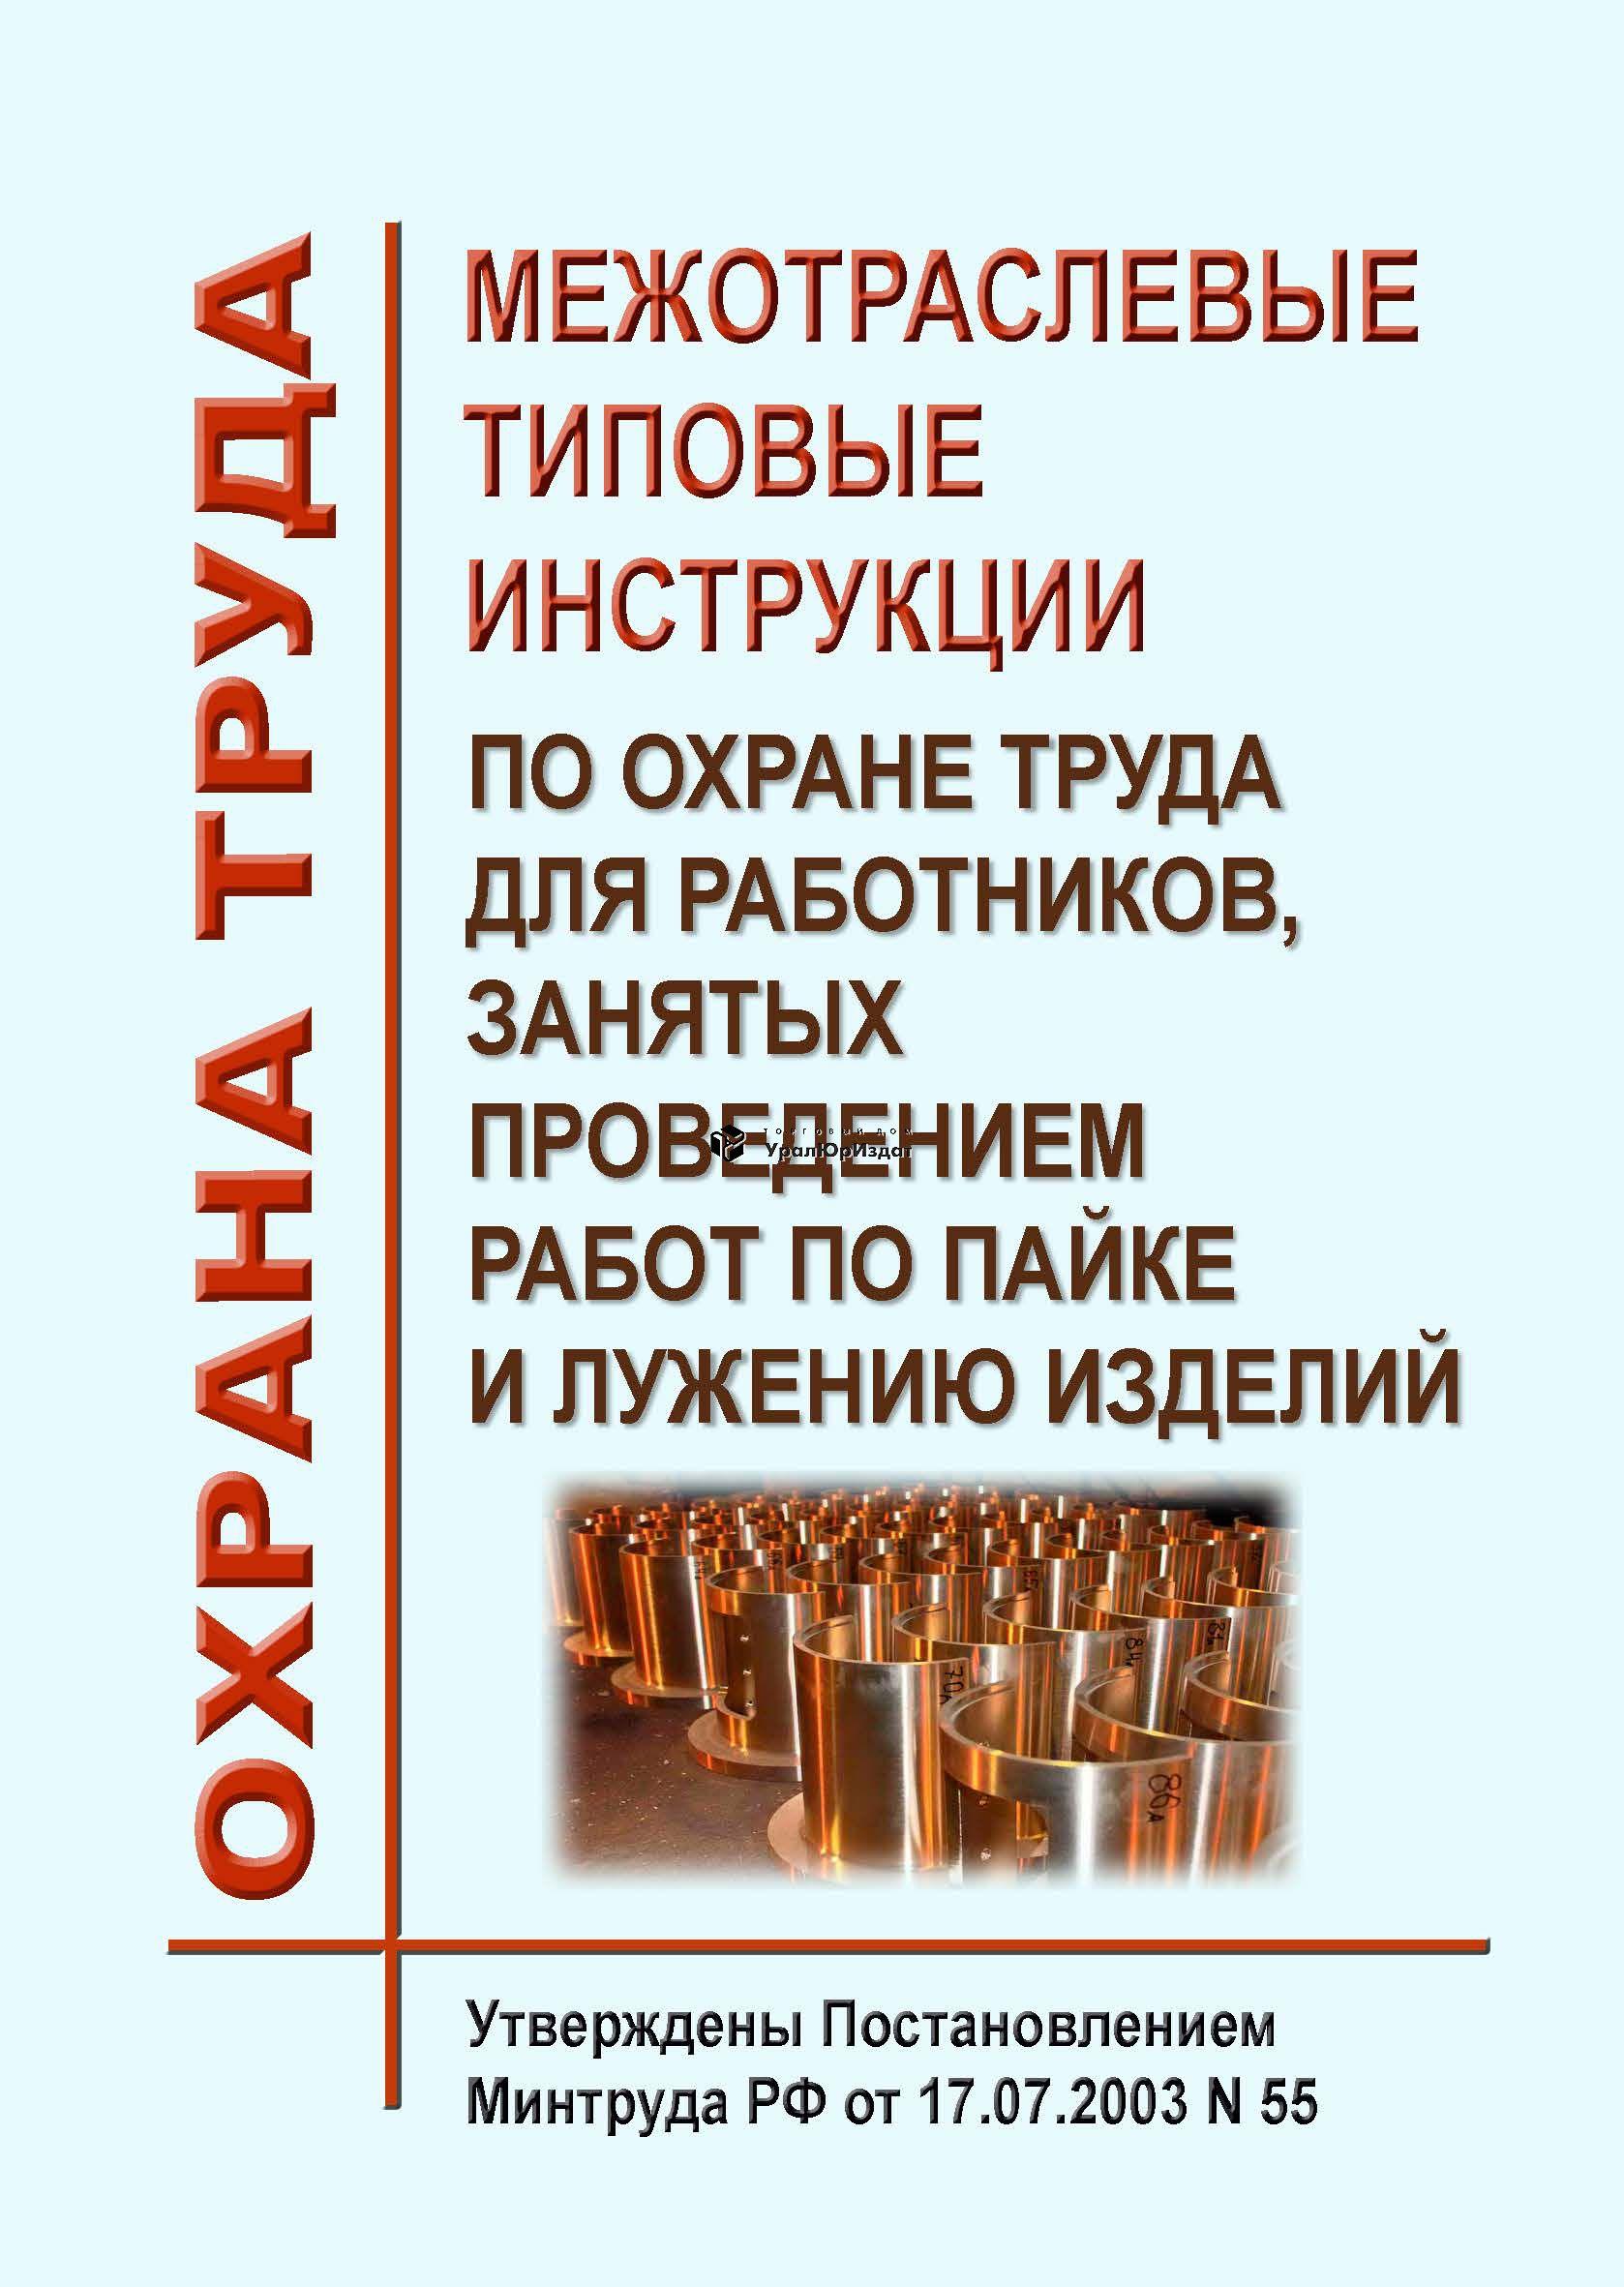 Эксплуатация электрических подстанций и распределительных устройств (63 стр.)